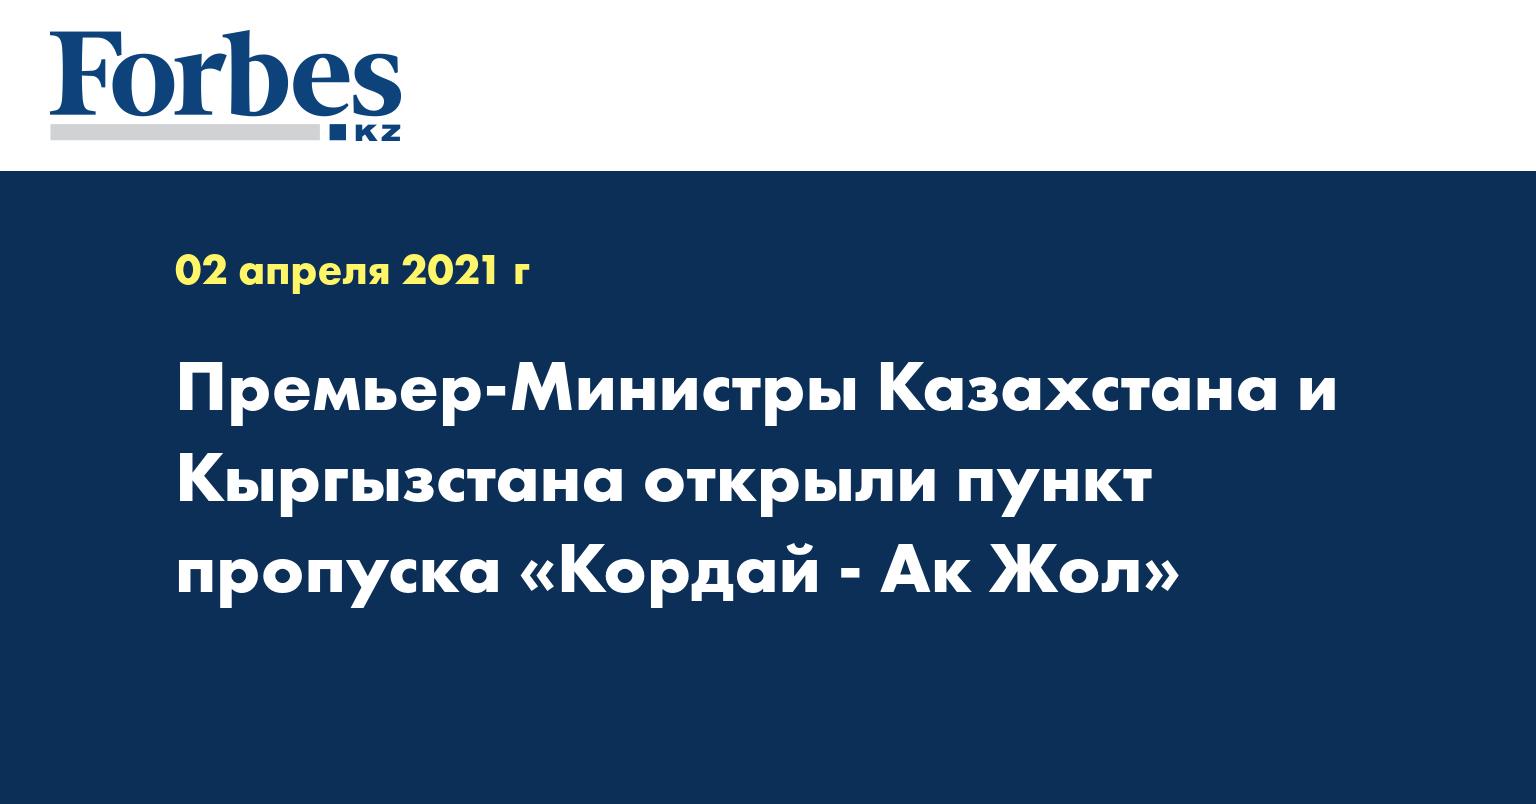 Премьер-Министры Казахстана и Кыргызстана открыли пункт пропуска «Кордай - Ак Жол»